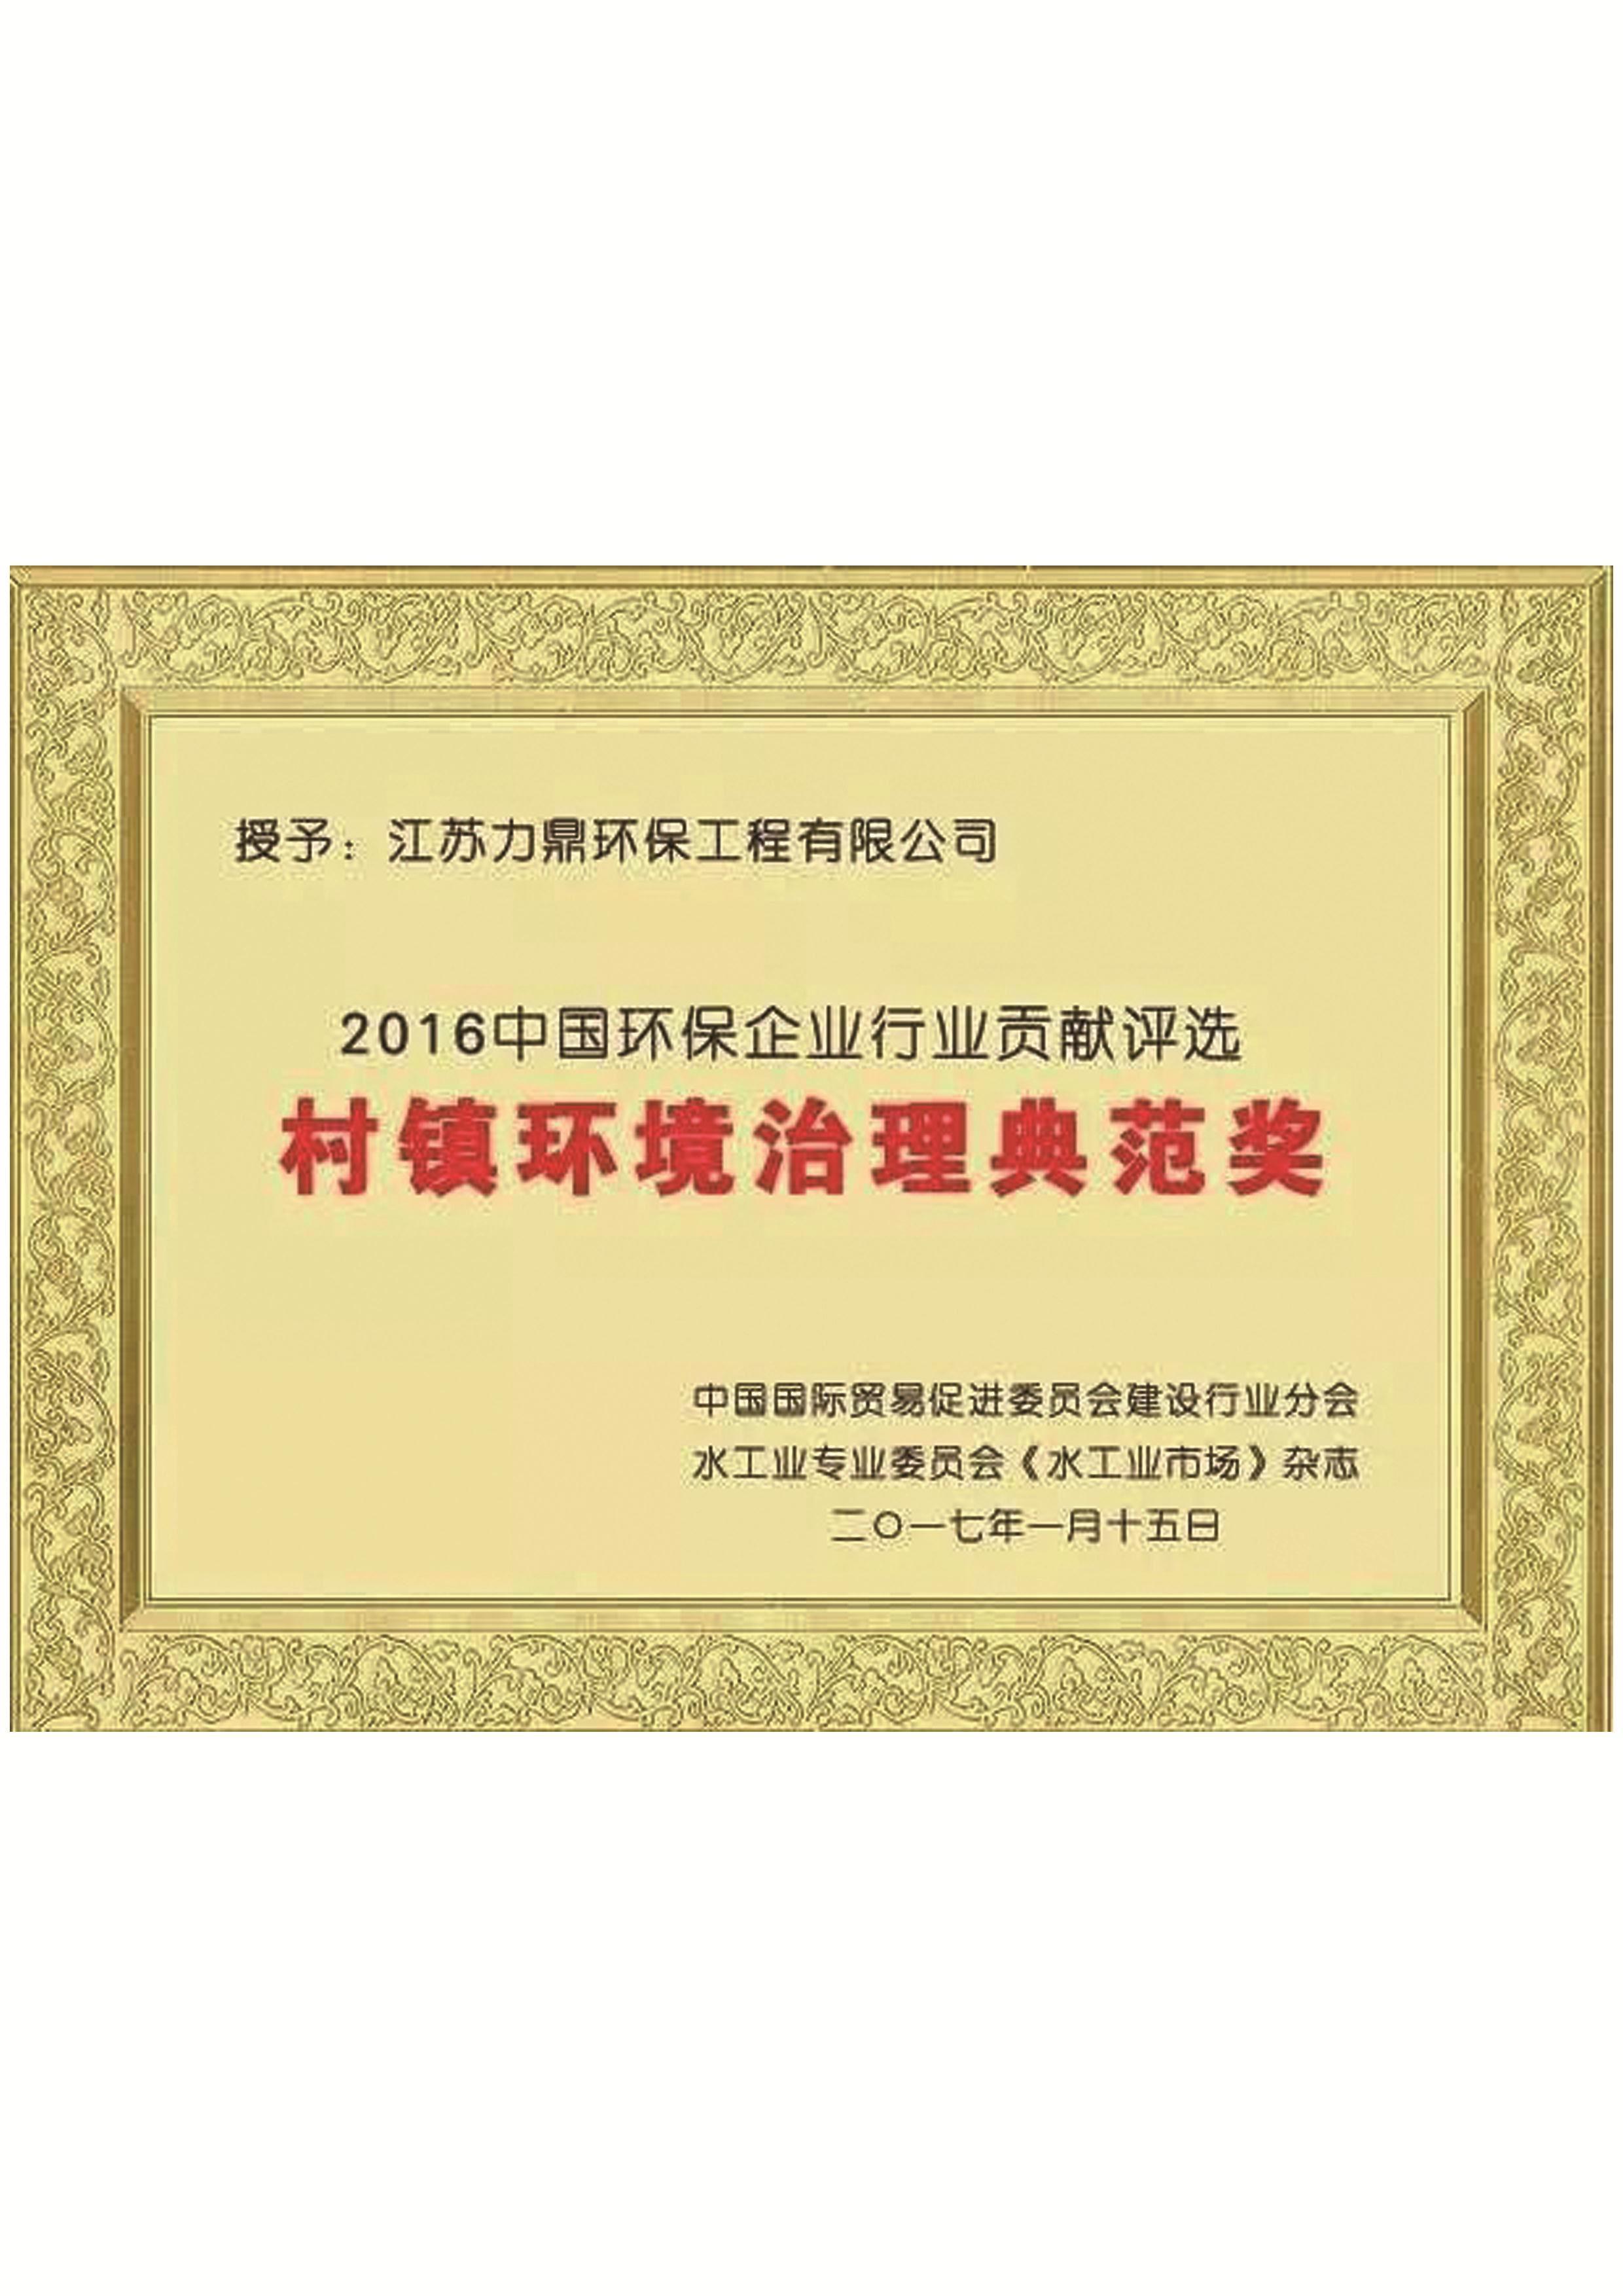 村镇环境治理典范奖